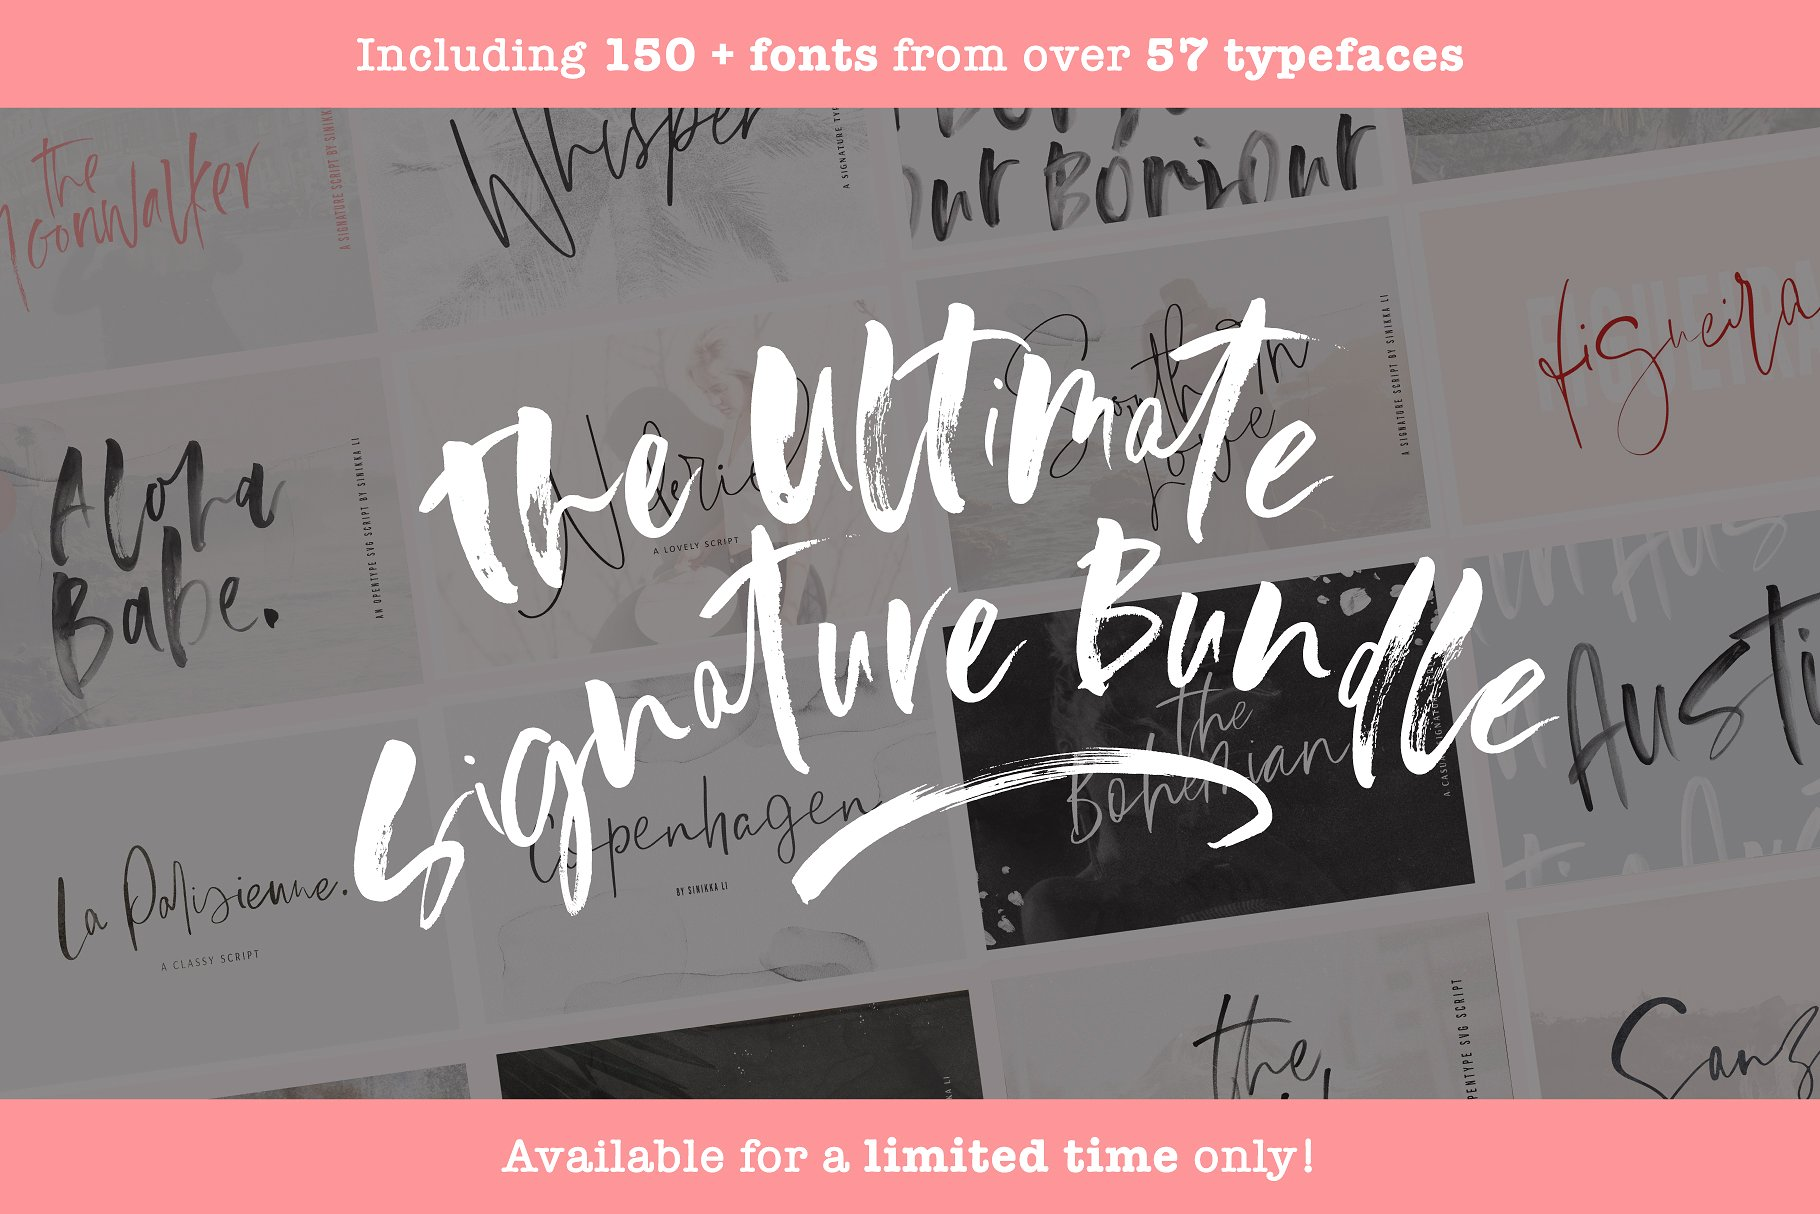 27. The Ultimate Signature Bundle